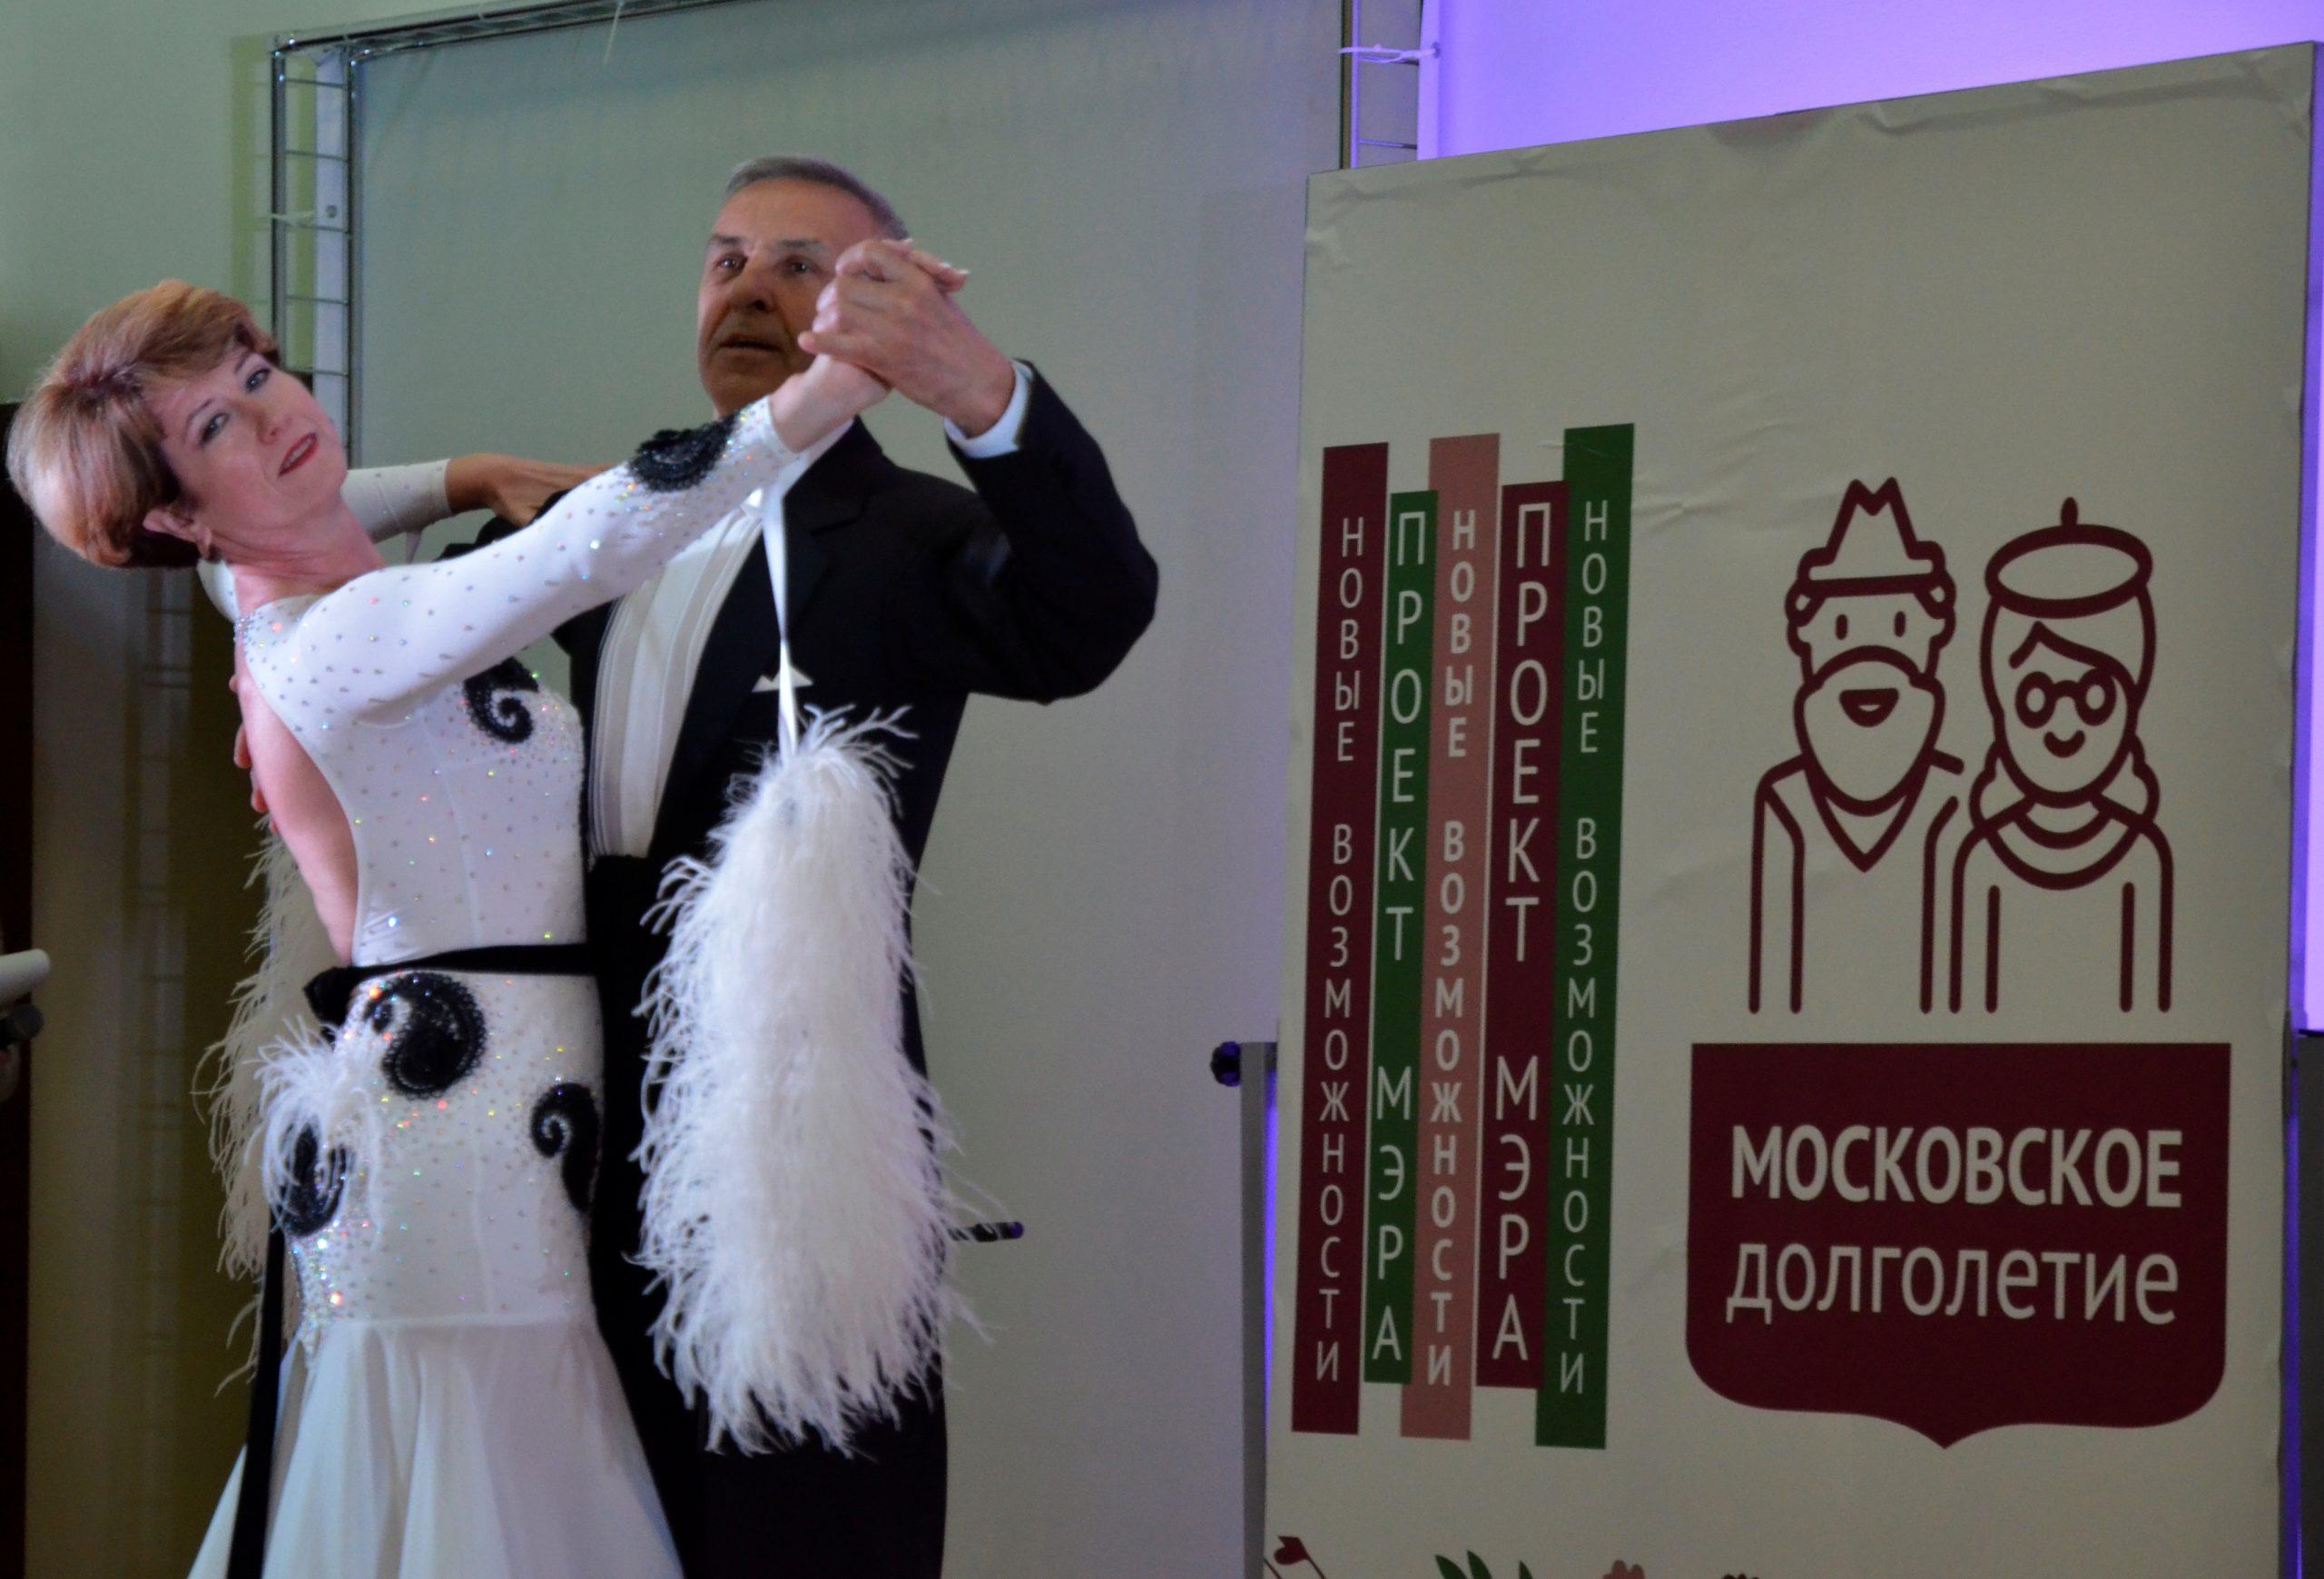 Занятие по танцам провели в поселении Кленовское